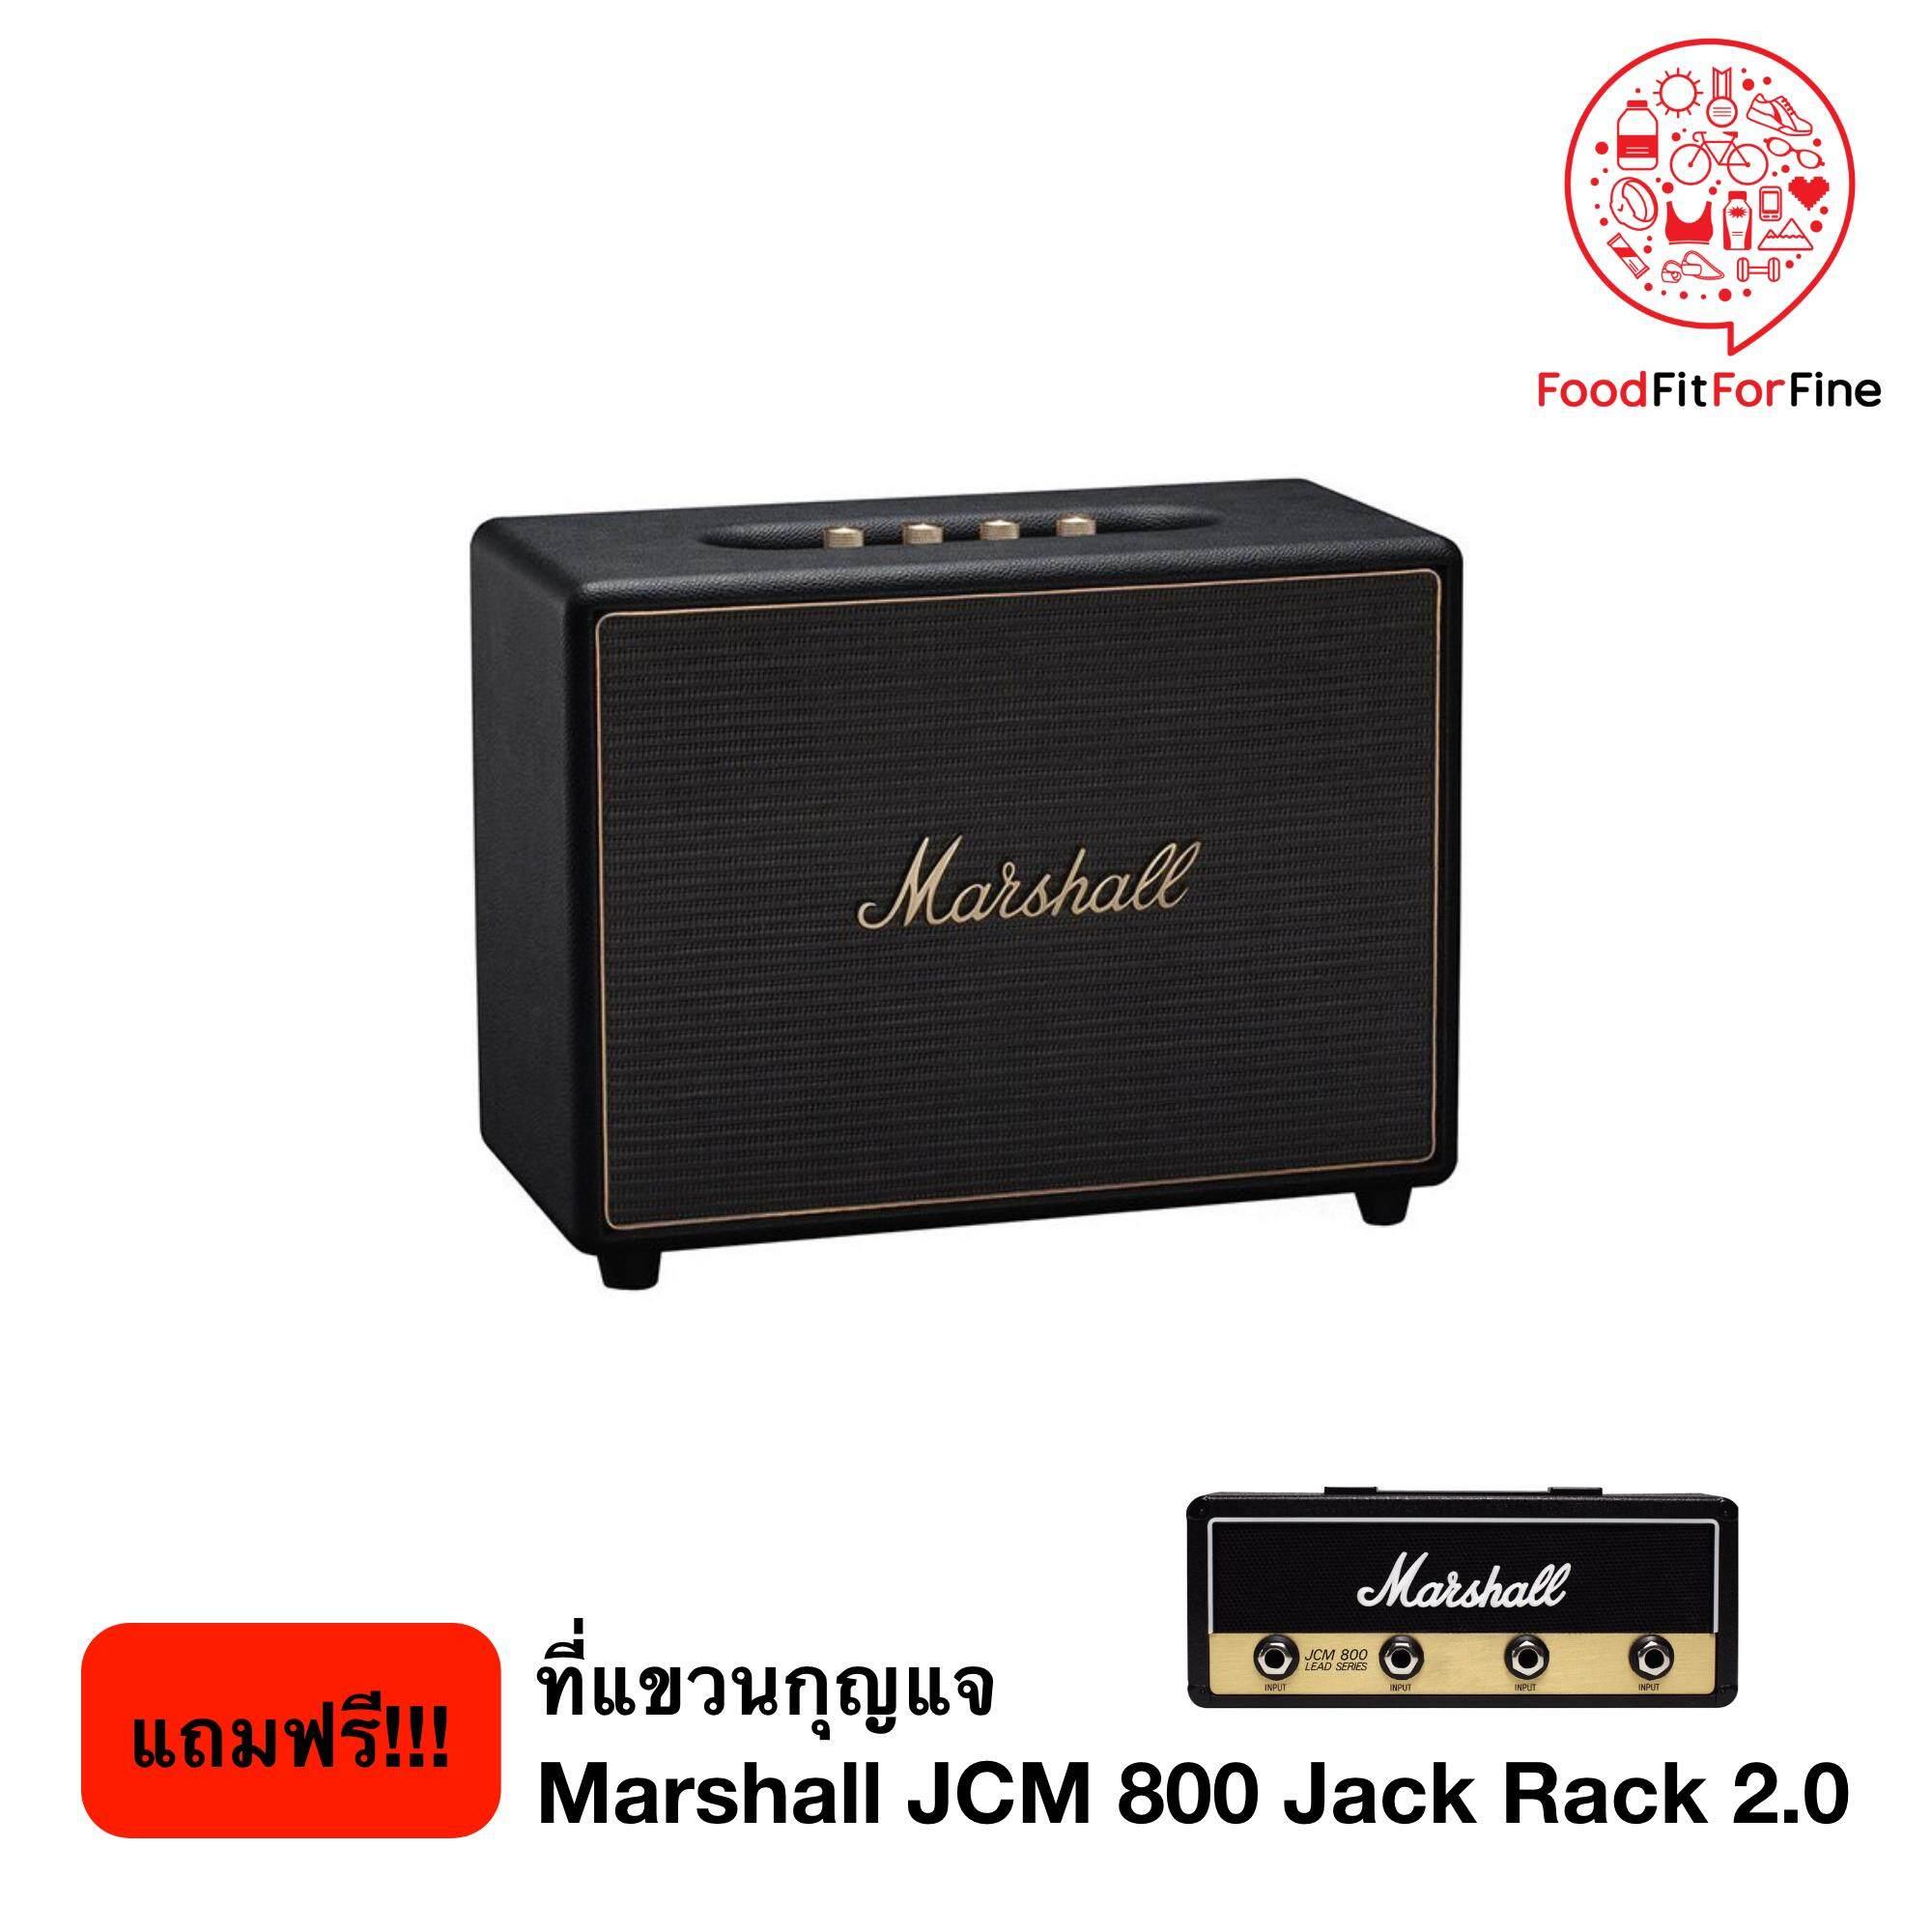 ยี่ห้อนี้ดีไหม  ลำโพง Marshall Woburn Multi-Room Bluetooth Speaker ประกันศูนย์ไทย 1 ปี แถมฟรี ที่แขวนกุญแจ Marshall JCM 800 Jack Rack 2.0